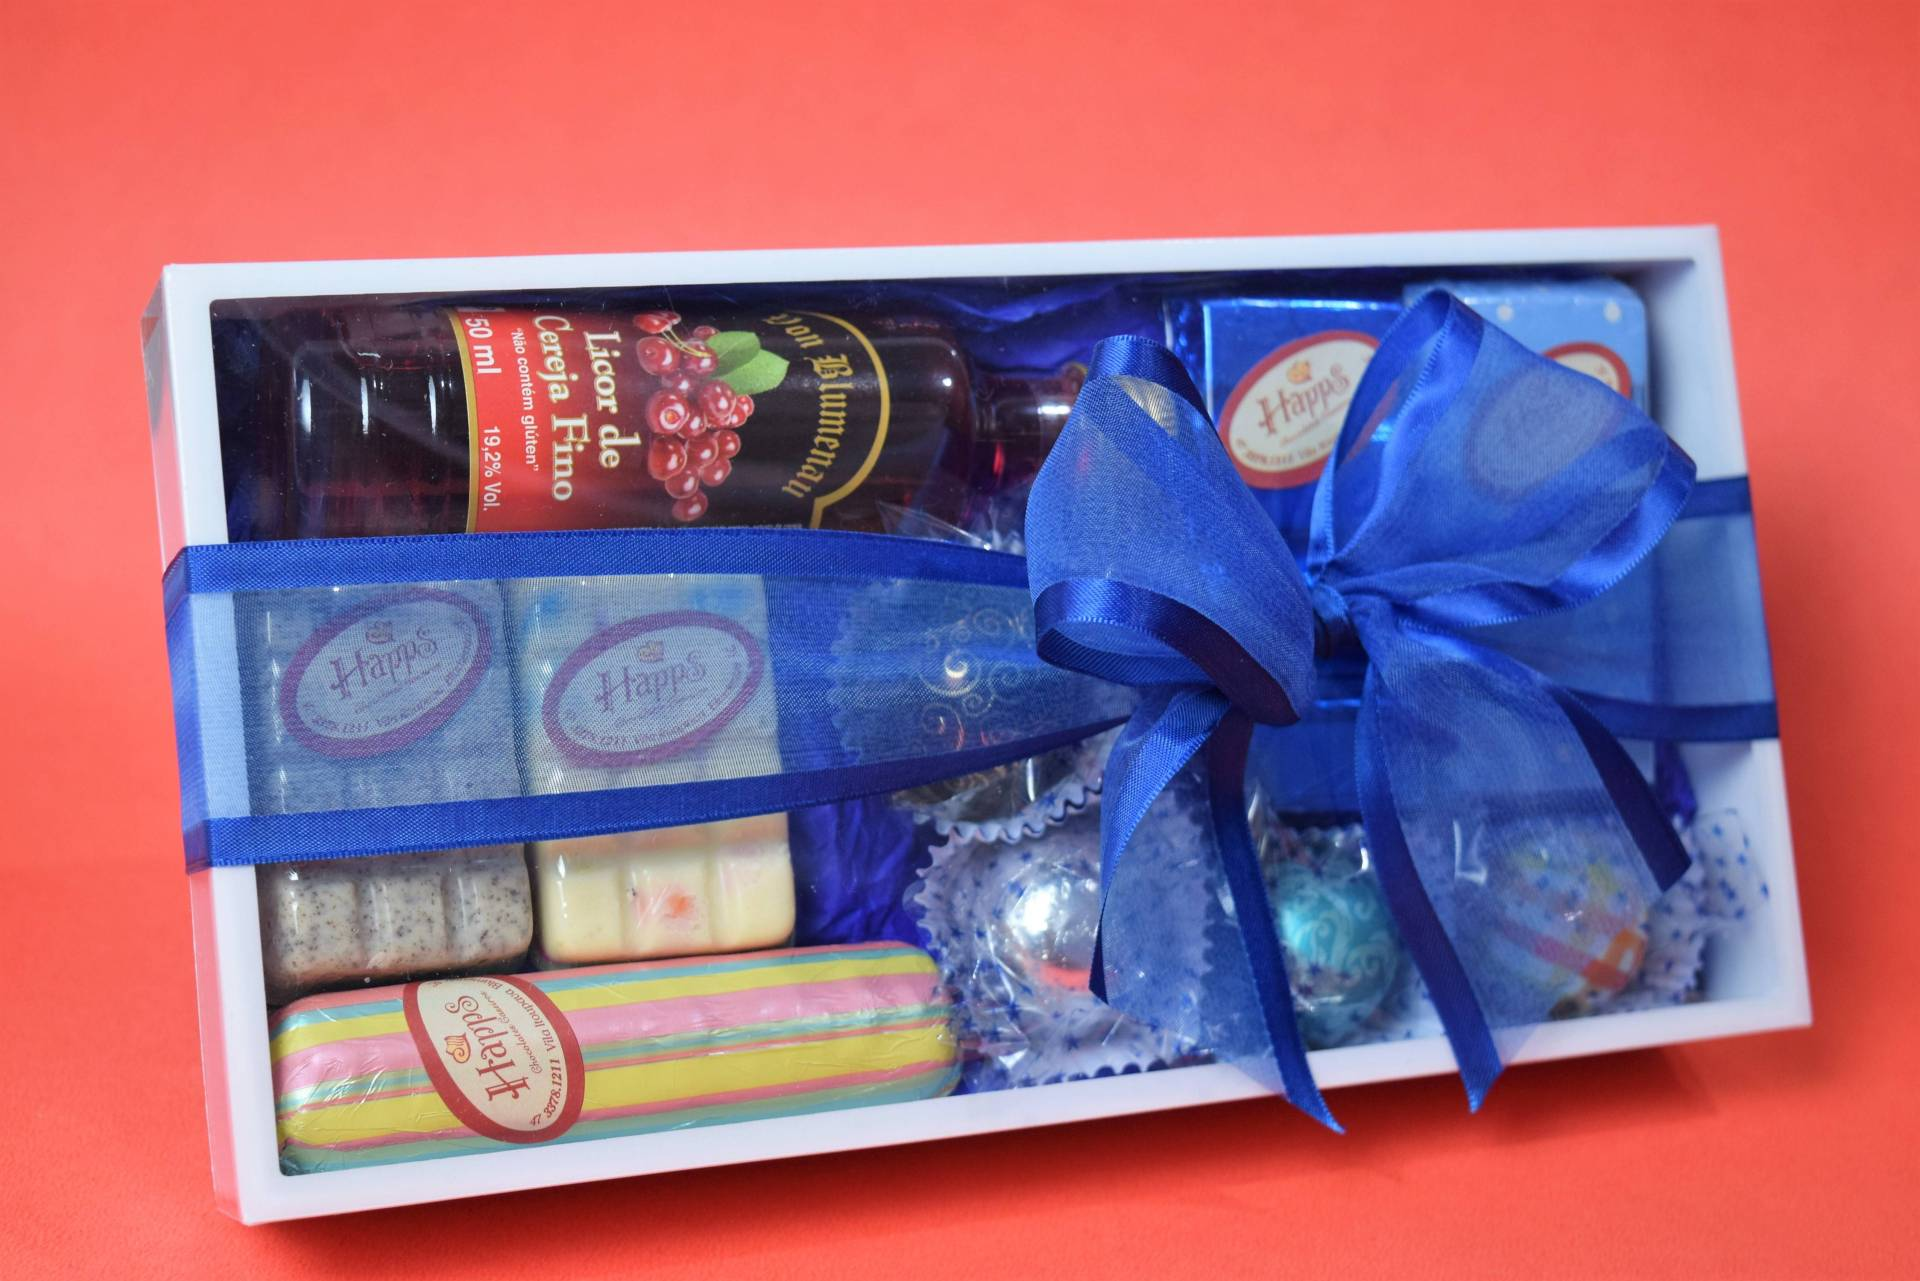 Kit de Chocolates com Licor